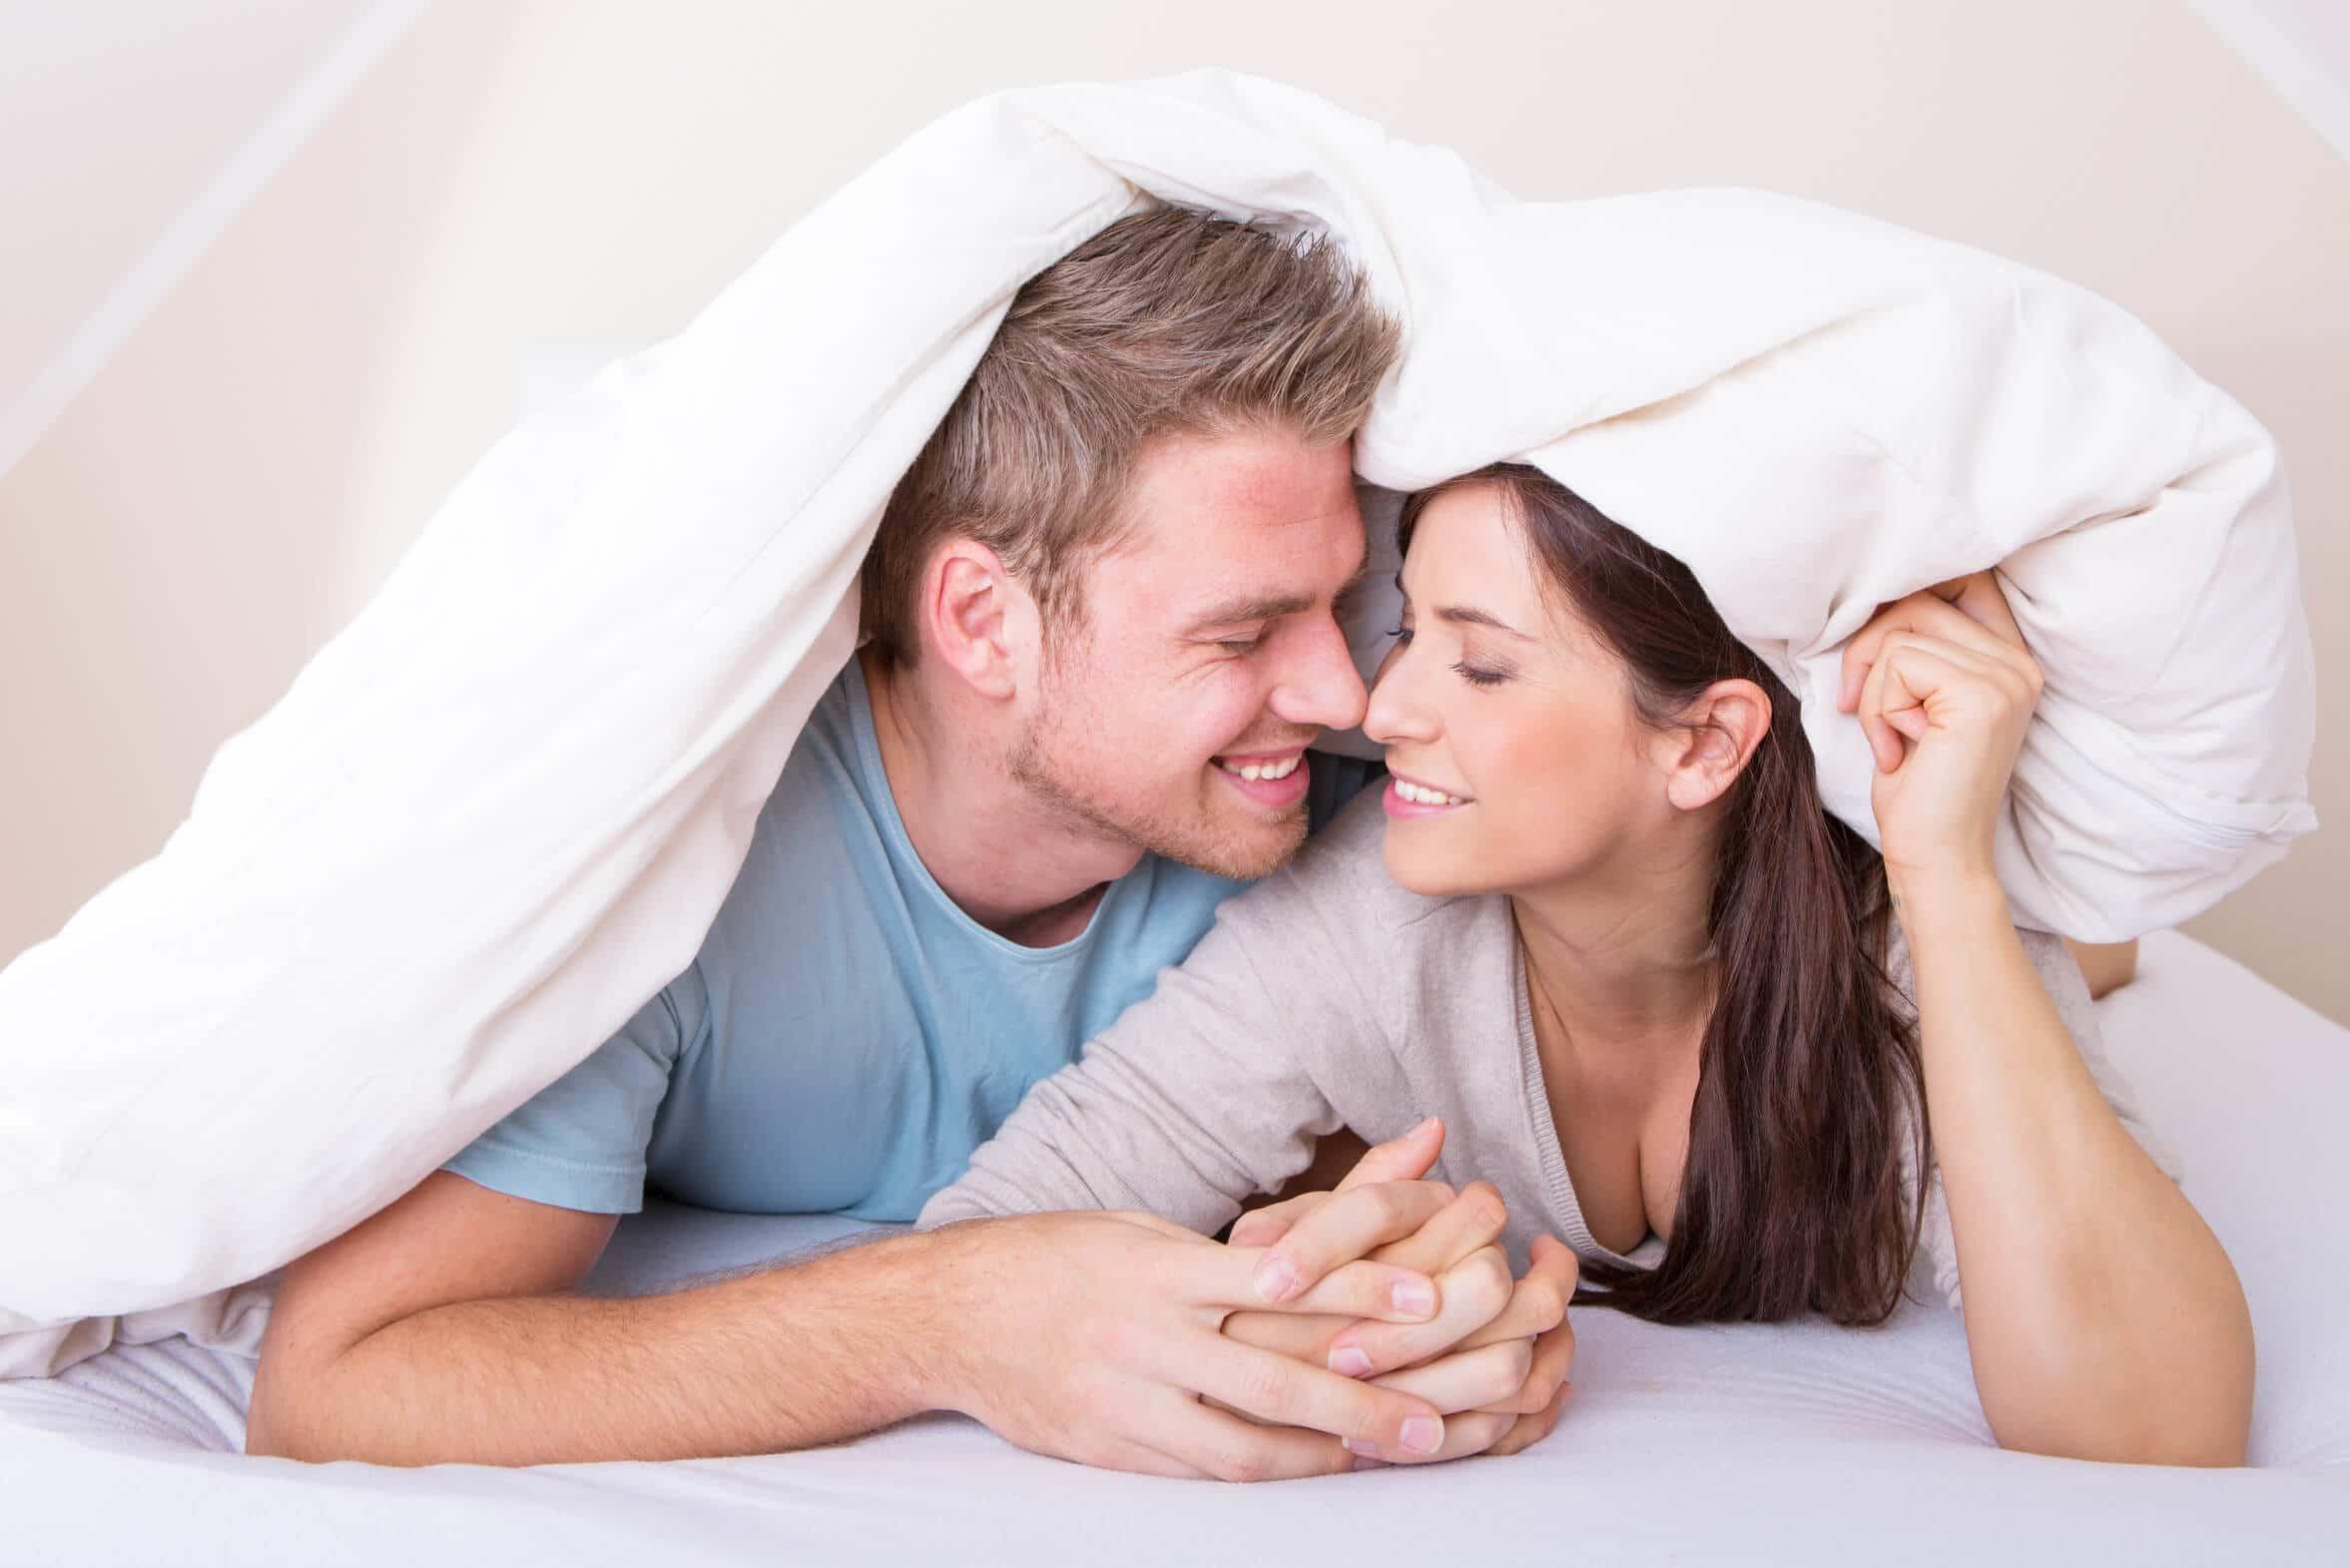 probleme de erectie la 21 fără erecție cu entuziasm